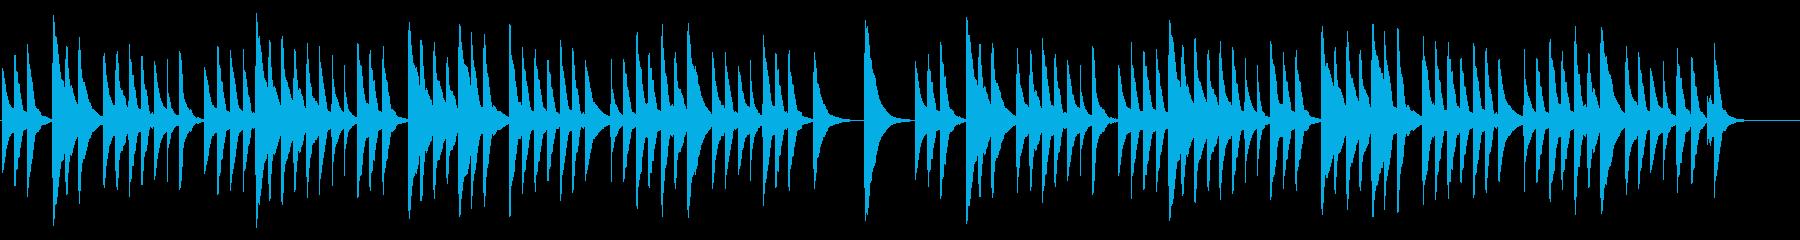 ちょうちょう 18弁オルゴールの再生済みの波形